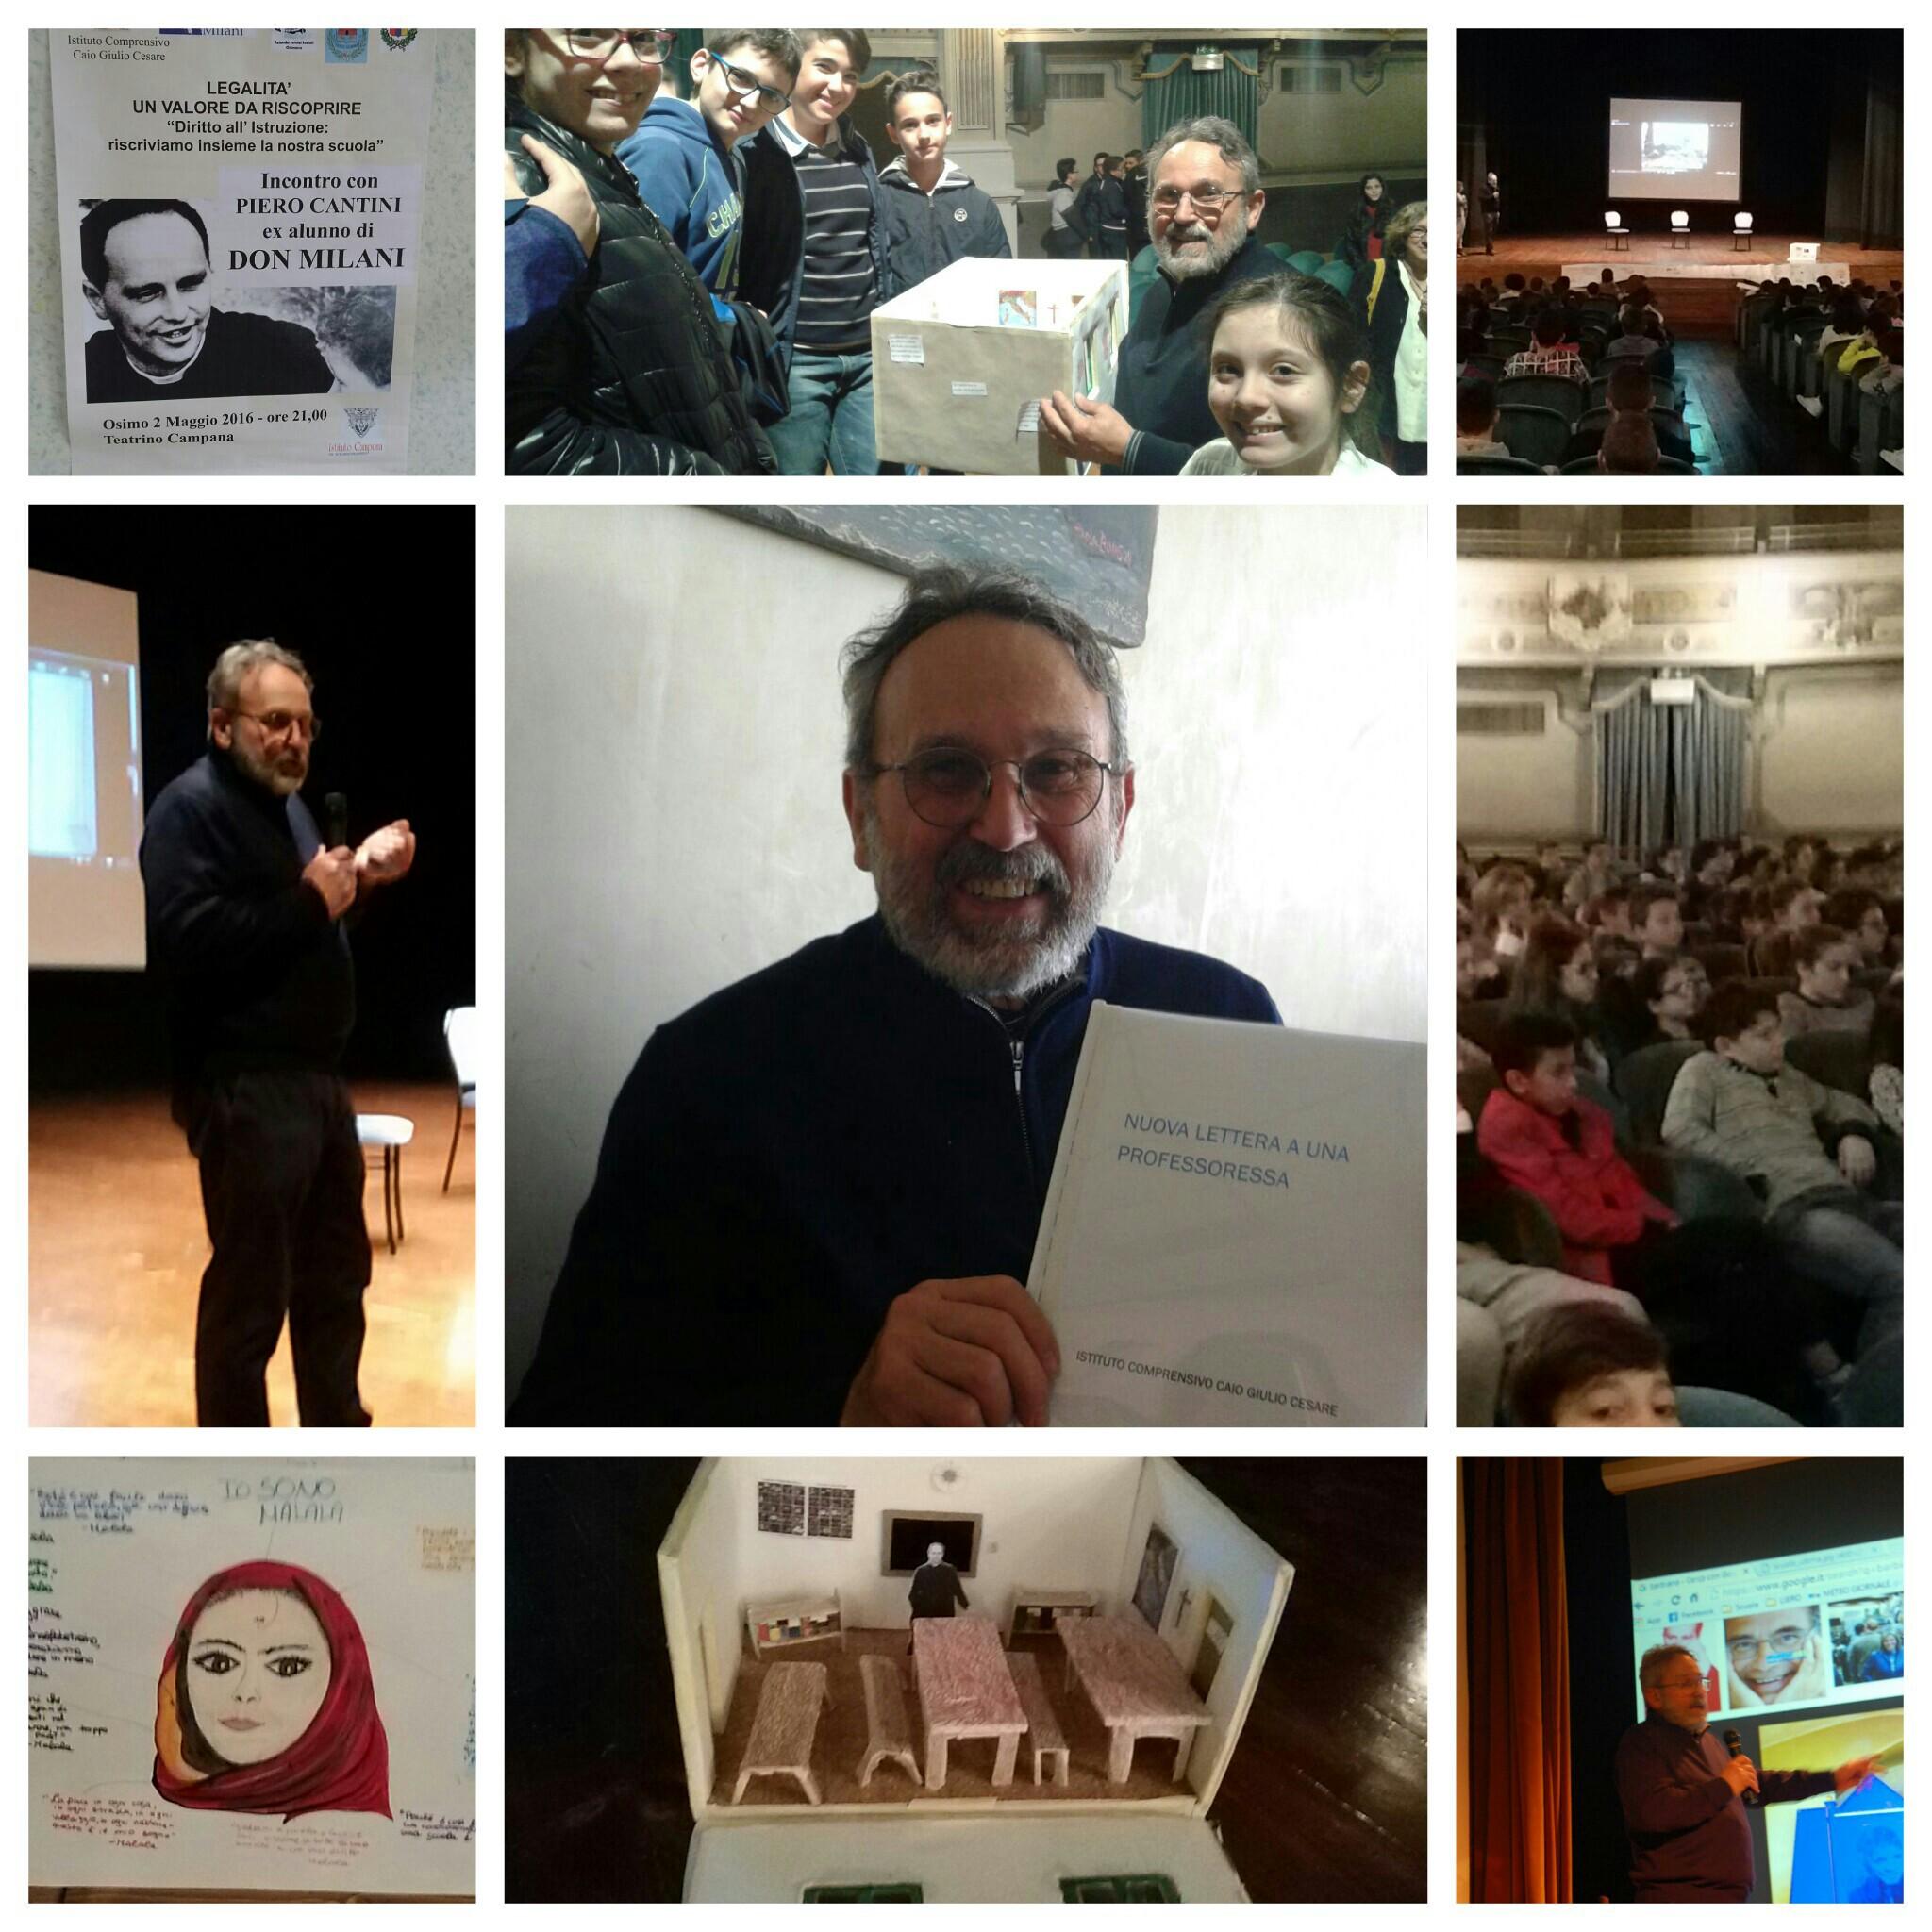 legalità15.16 Piero Cantini